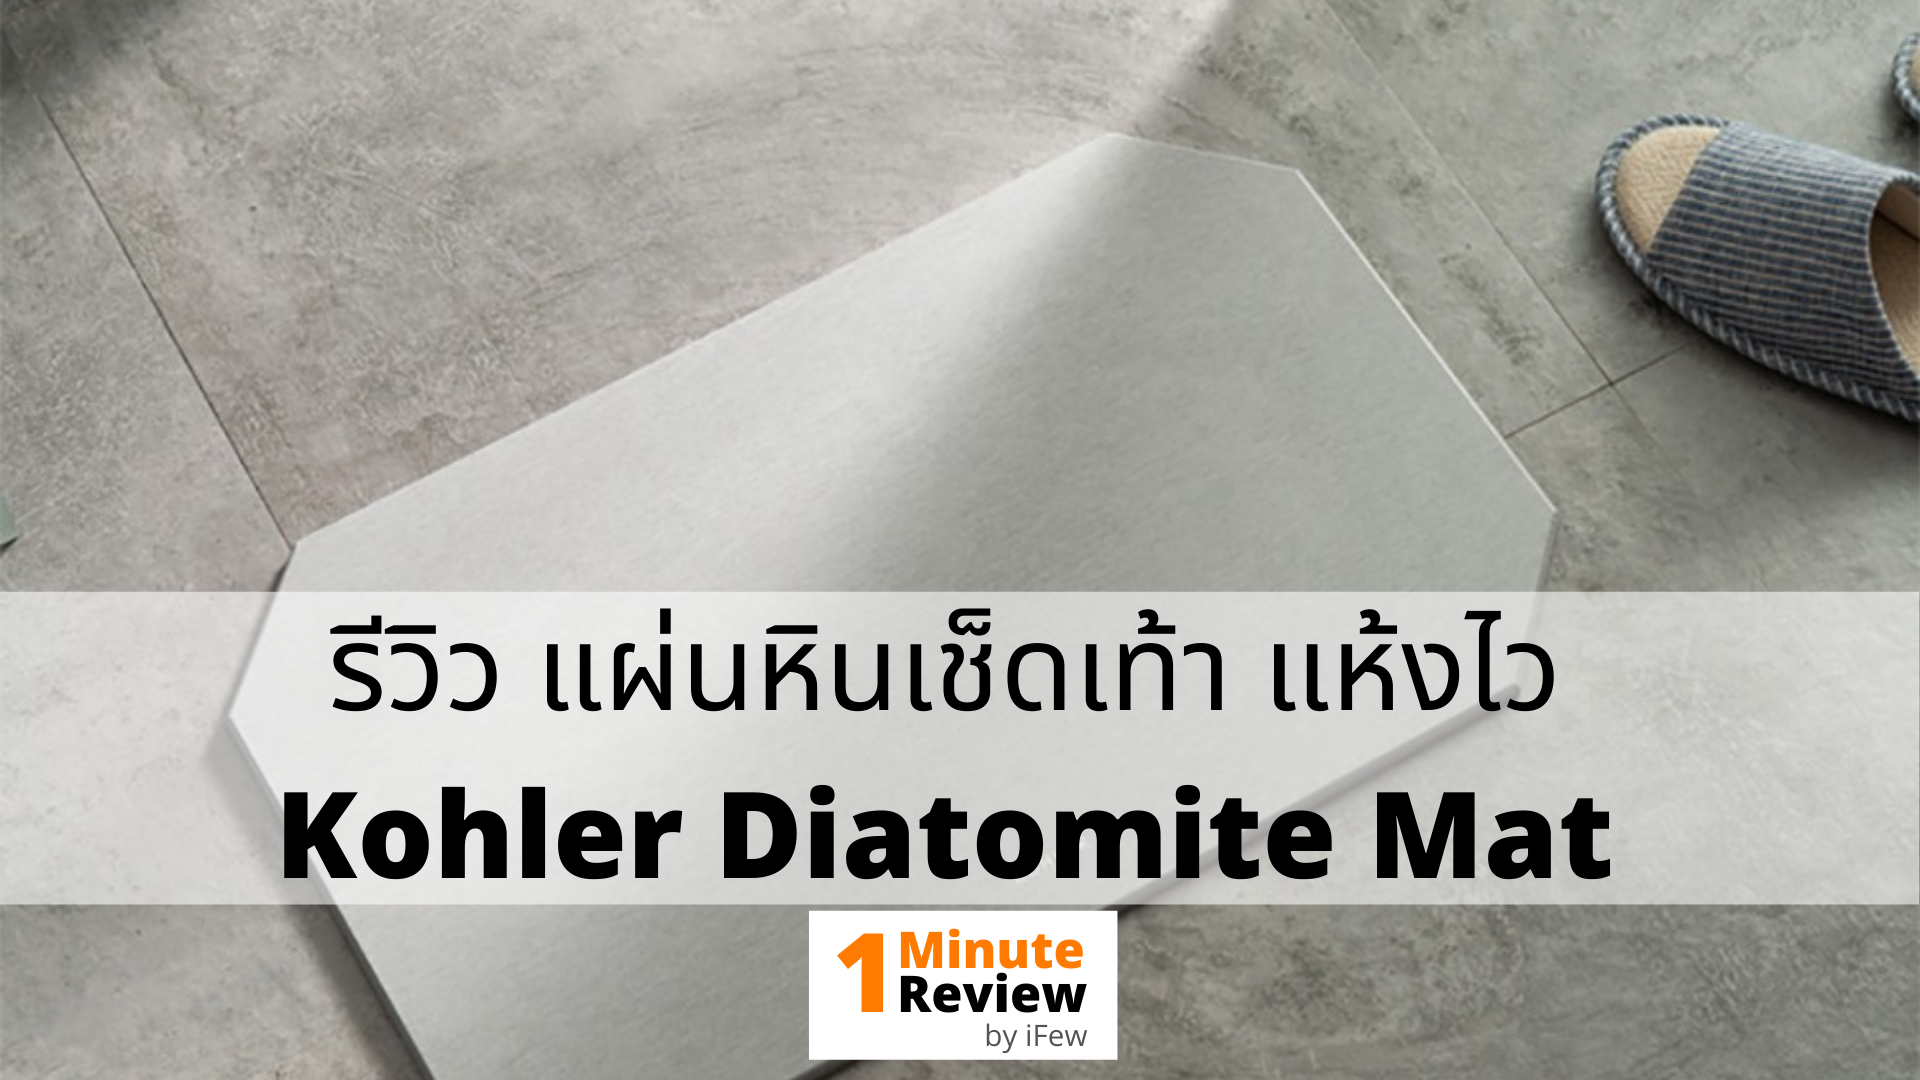 รีวิว Kohler Diatomite Mat แผ่นหินซับน้ำ แห้งไว ไม่เก็บกลิ่น ทนทาน | 1 Minute Review